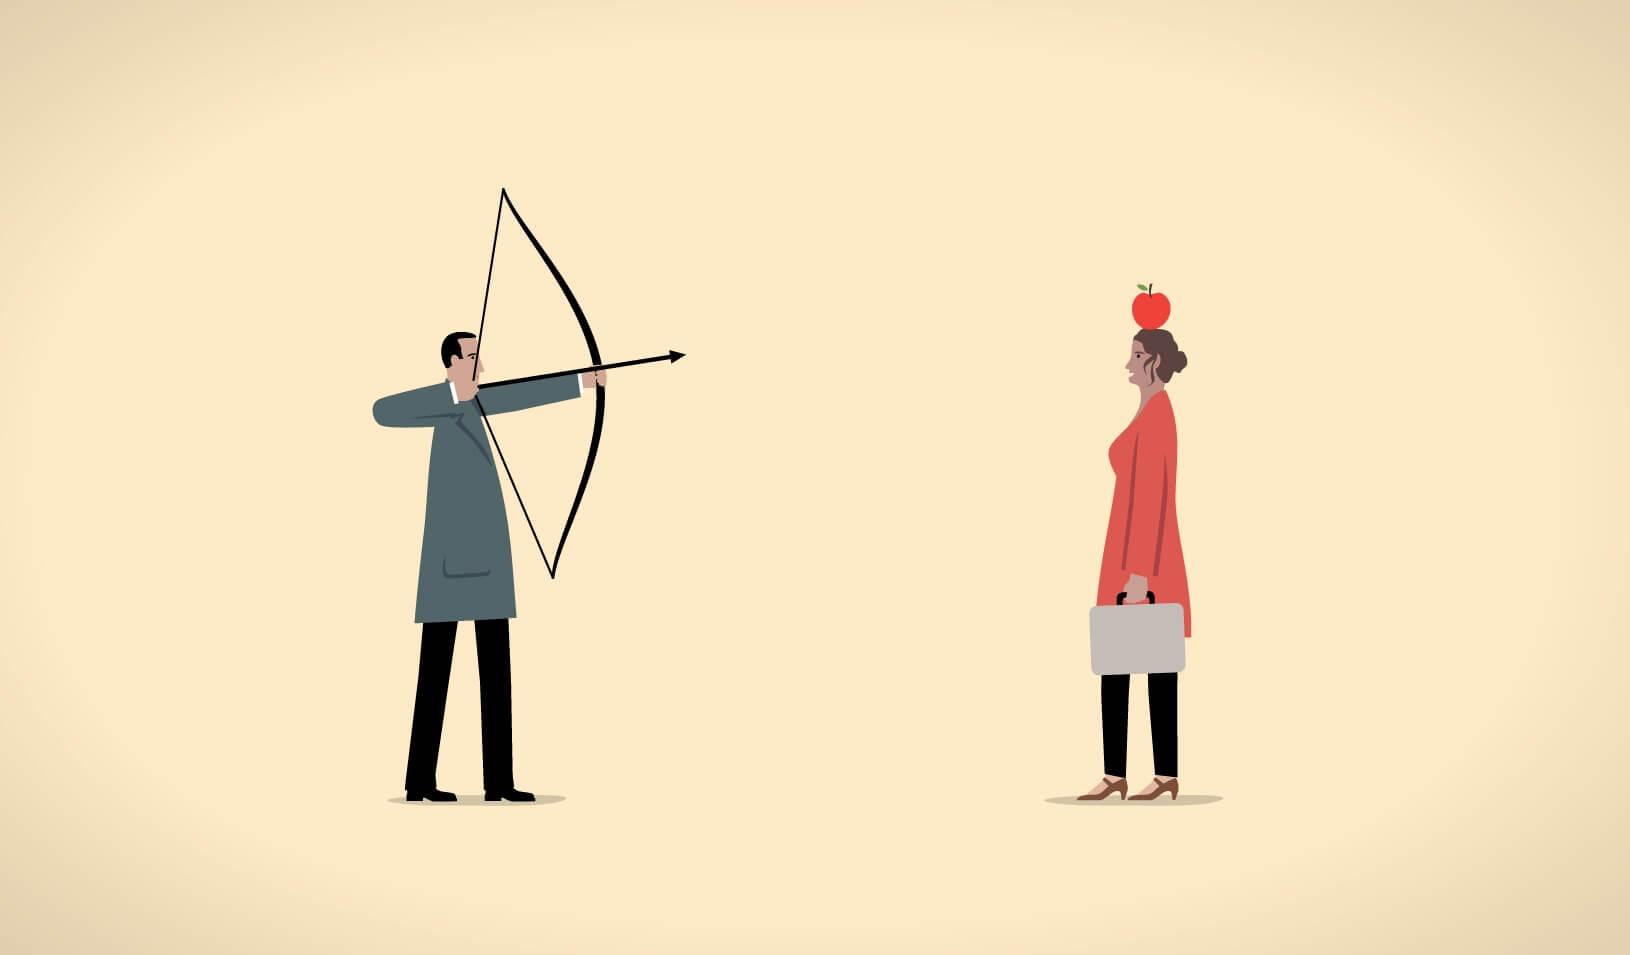 Azione revocatoria e trust: presupposti e limiti